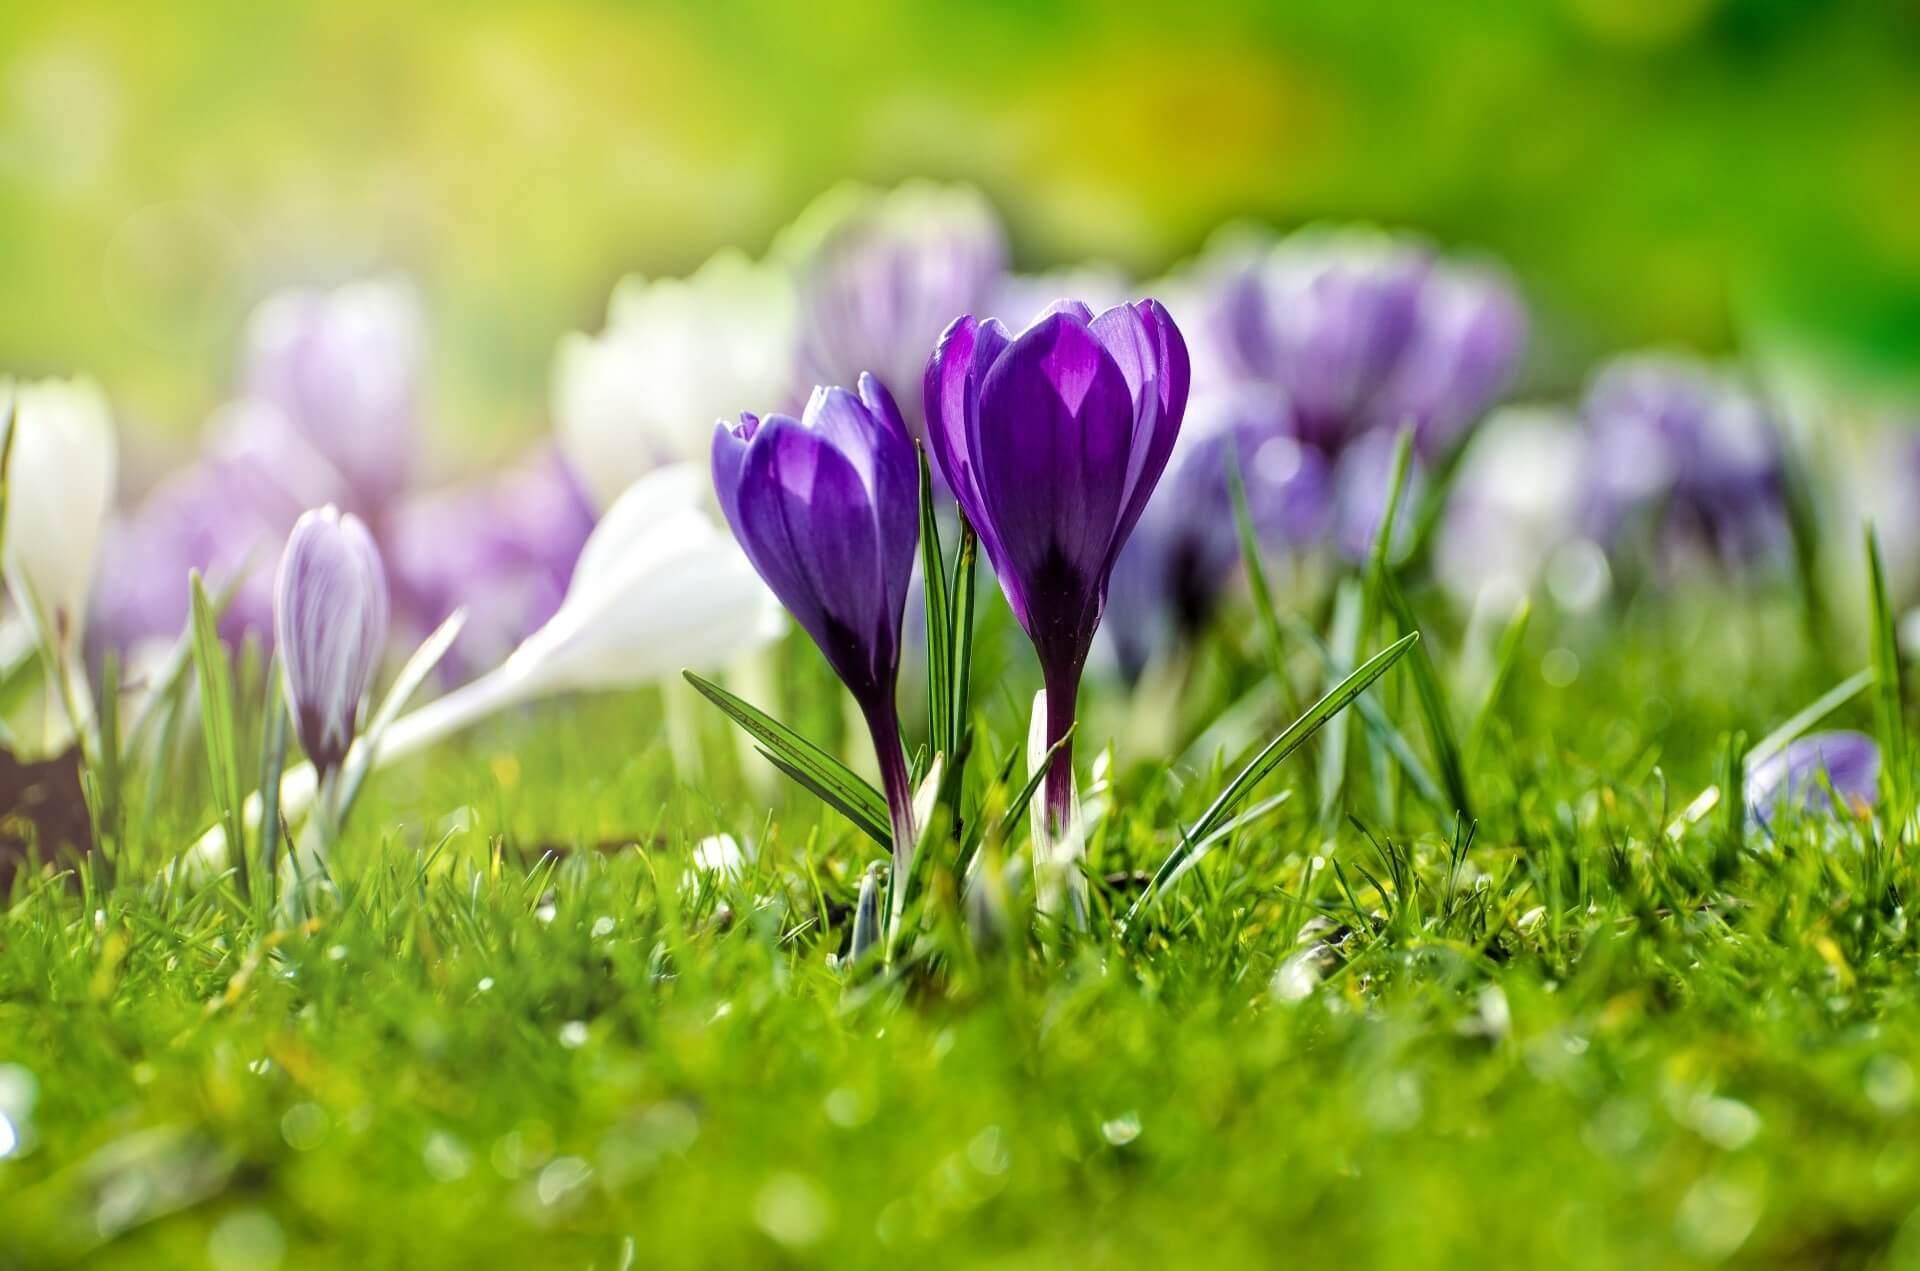 Bg đẹp với màu hoa tím